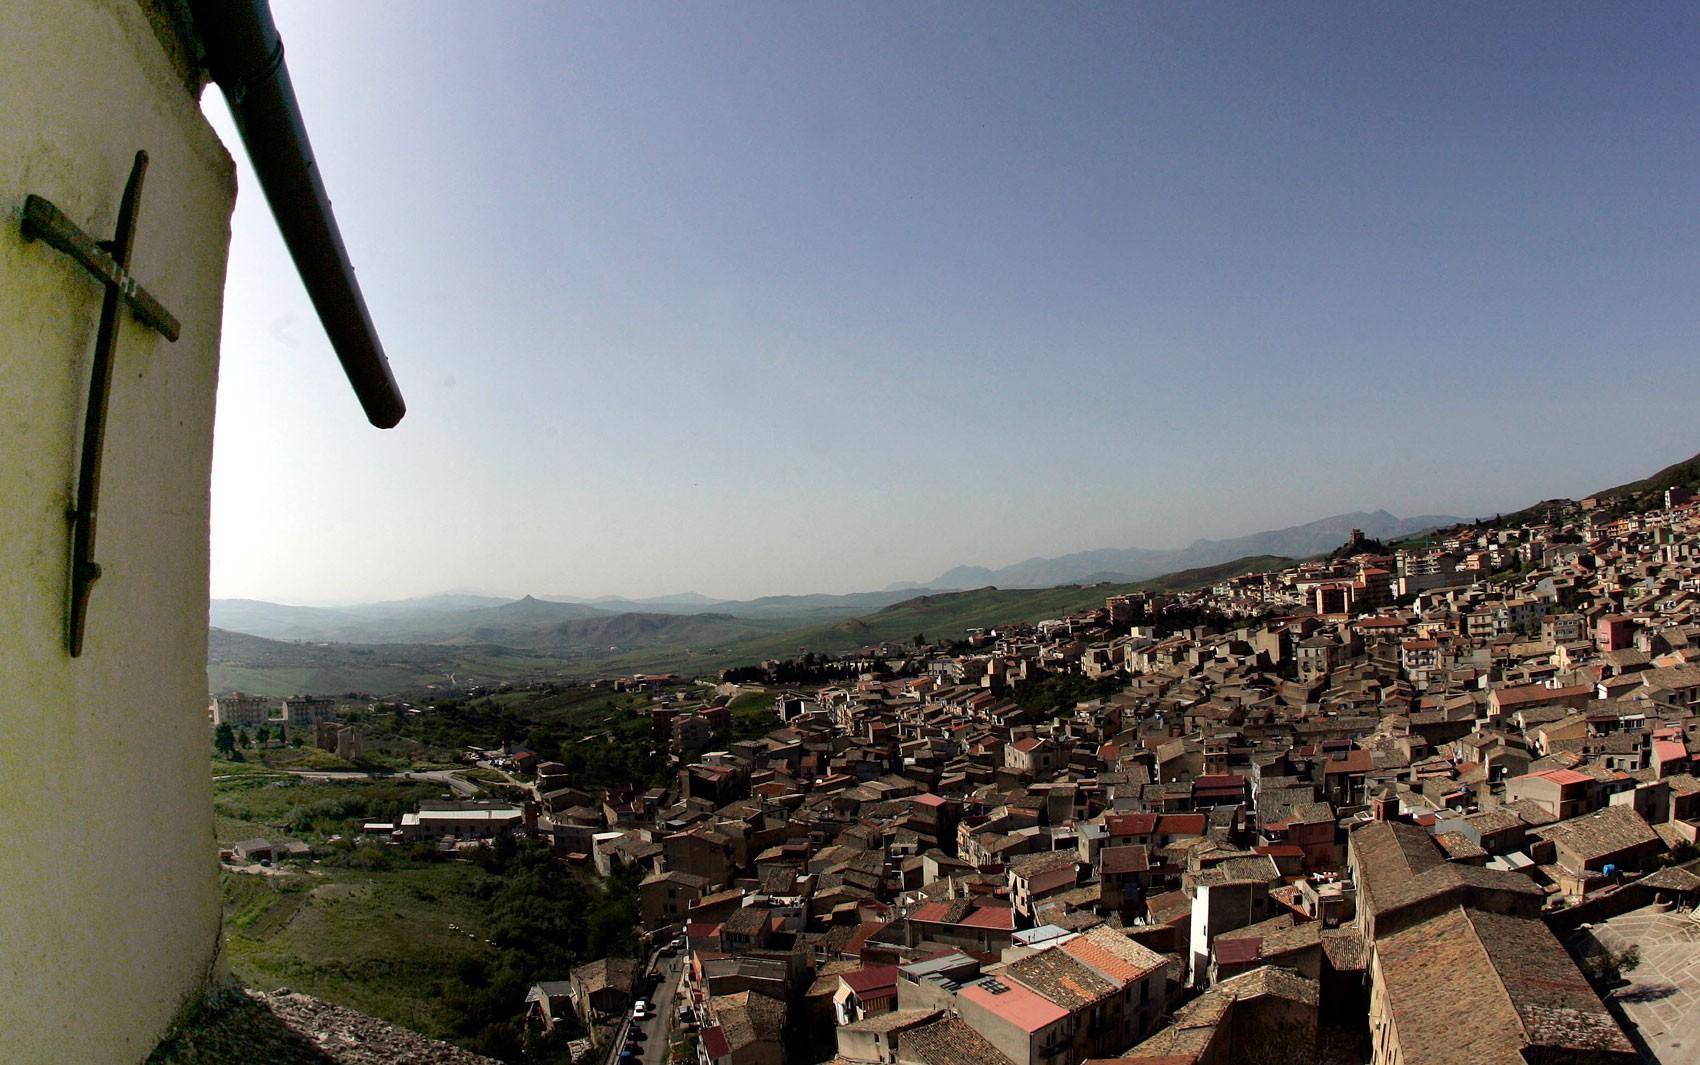 Vista de parte da cidade de Corleone, na Itália, em foto de 24 de abril de 2006 (Foto: AP Photo/Gregorio Borgia)